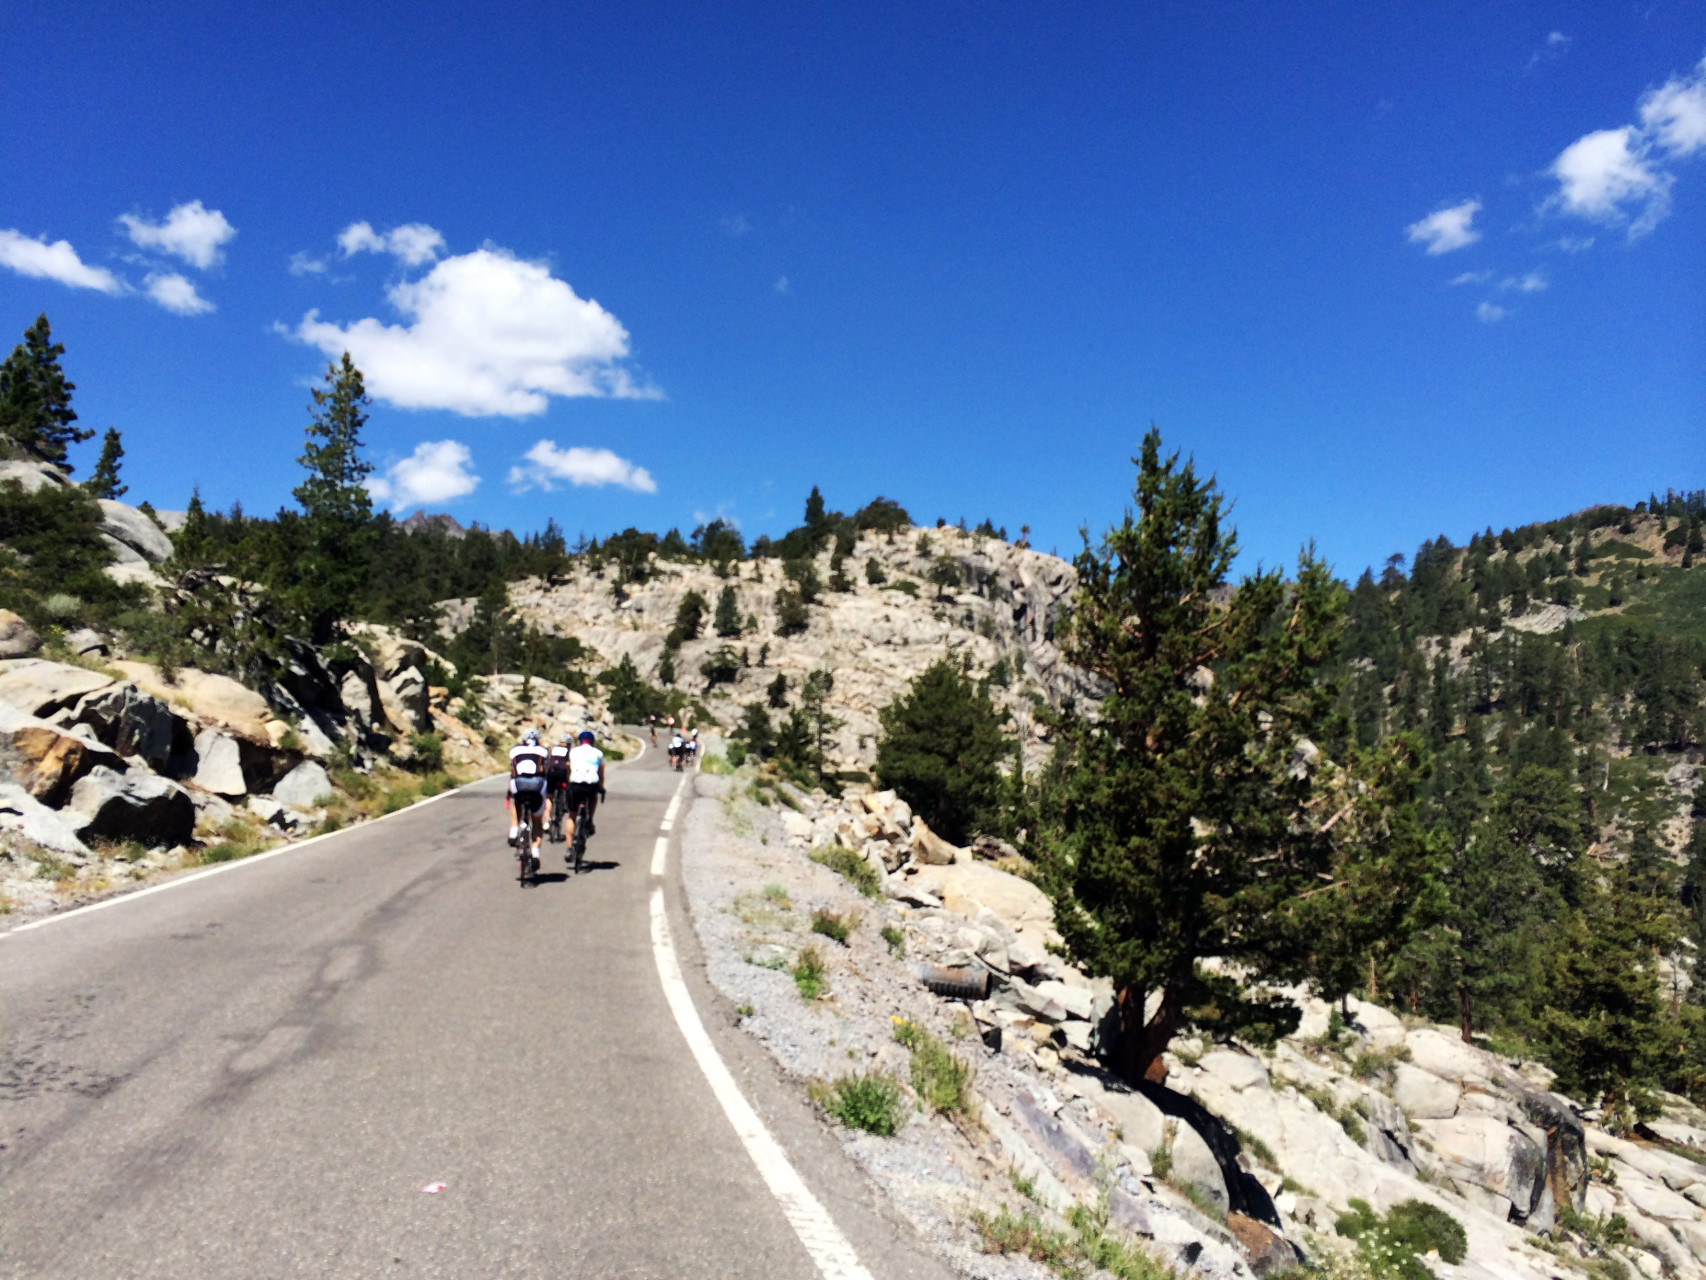 Climbing up Ebbetts Pass